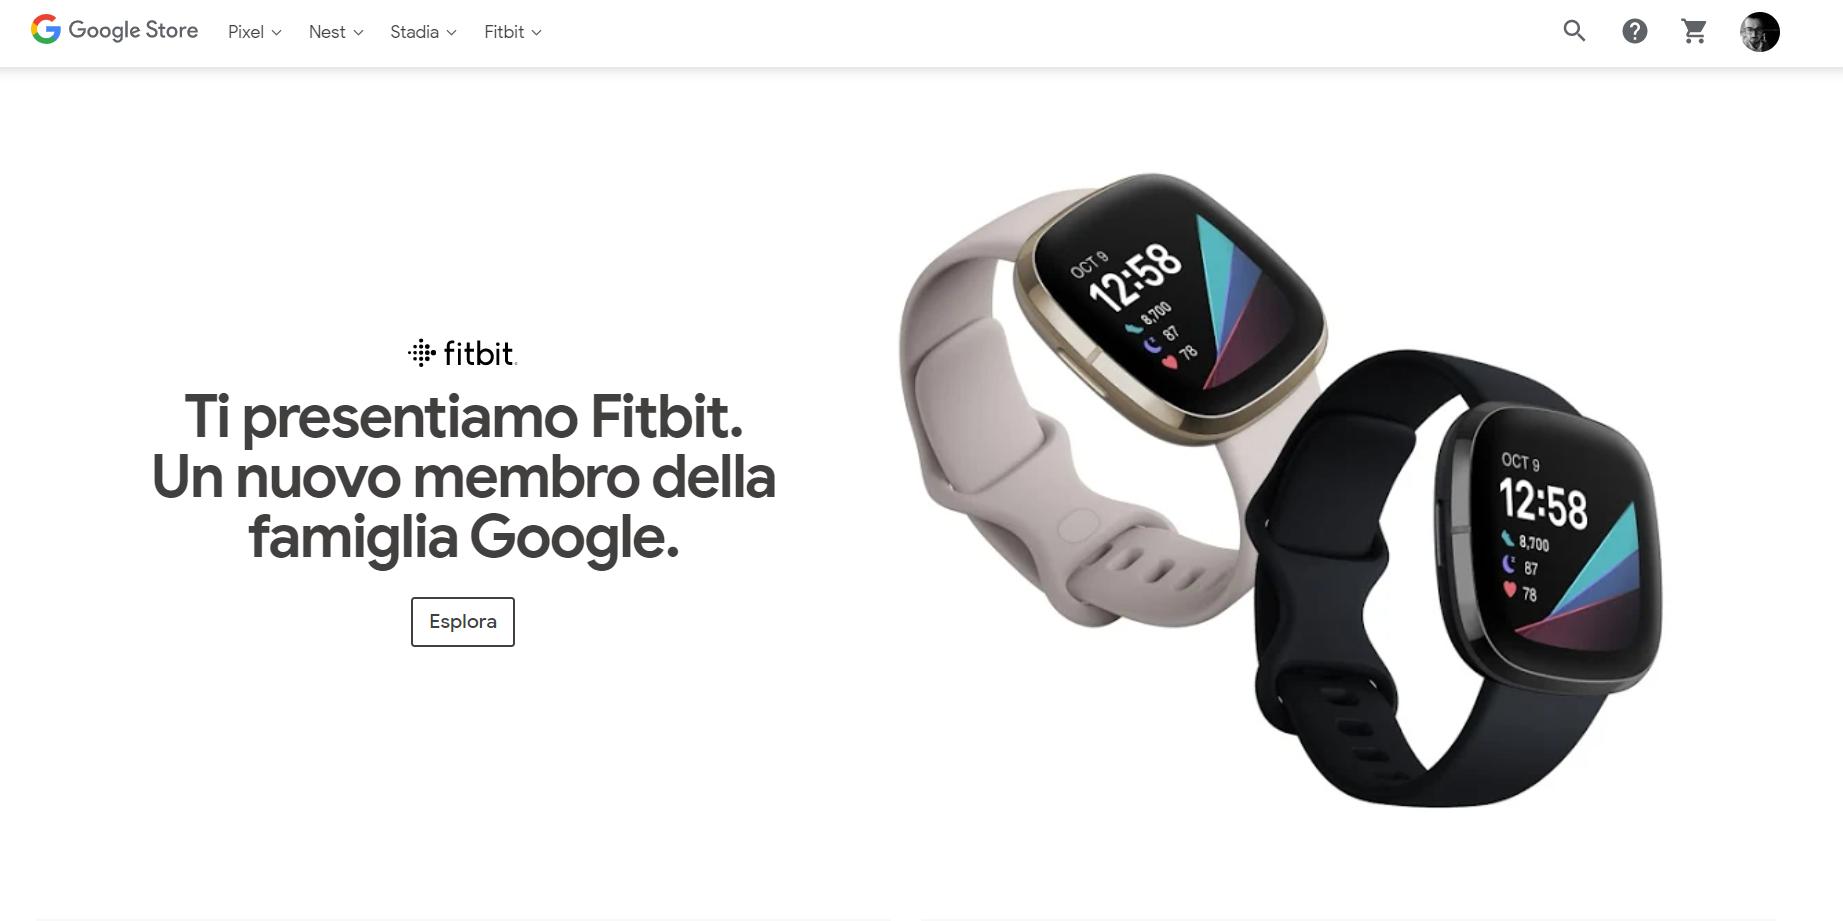 fitbit google store italia